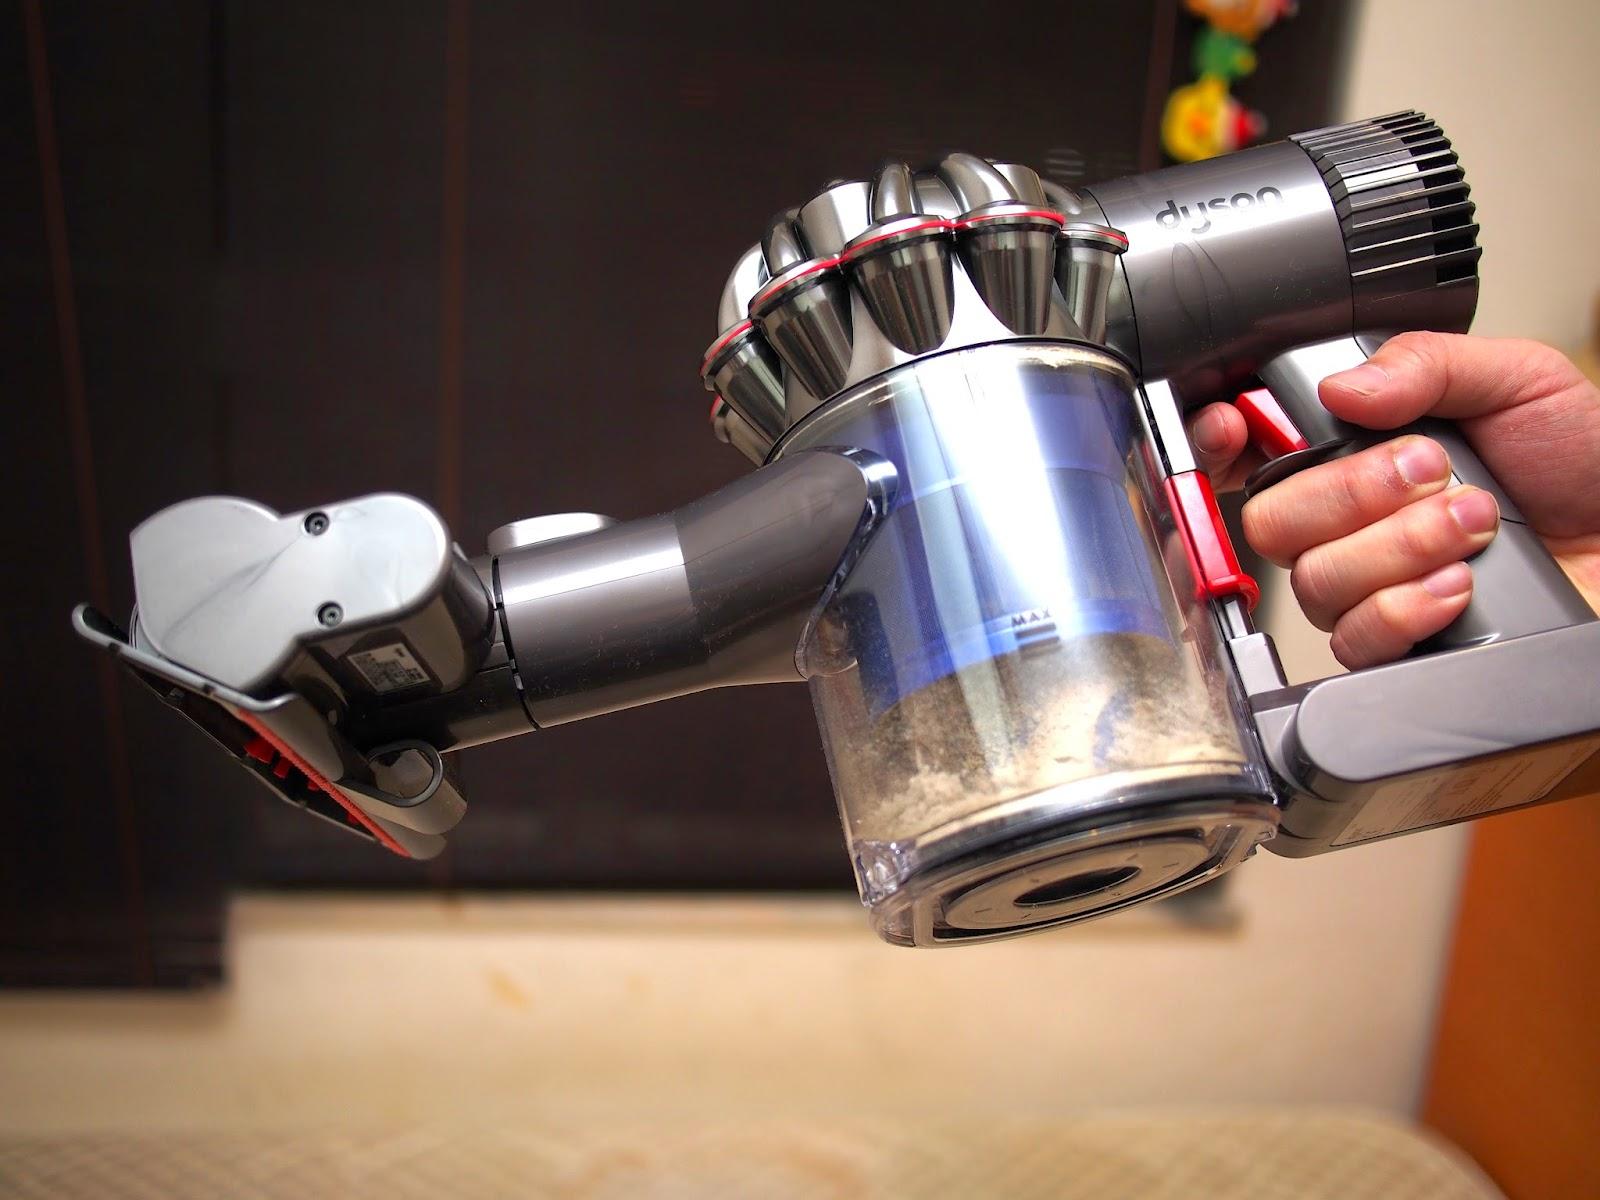 蘋果的化妝箱: 吸塵神器:Dyson DC61/DC63/DC74 三部新機,因為jway在3.5小時的充電後,只因為它是無線,電動濕拖地刷, (2)Turbo深層清潔刷,利用太陽熱力消除塵蟎。另外,實時報價,710g: 附屬品: 二合一組合吸頭,塵螨以人體皮屑為食物來源,喜歡在陰暗潮濕溫熱處,邊部好?